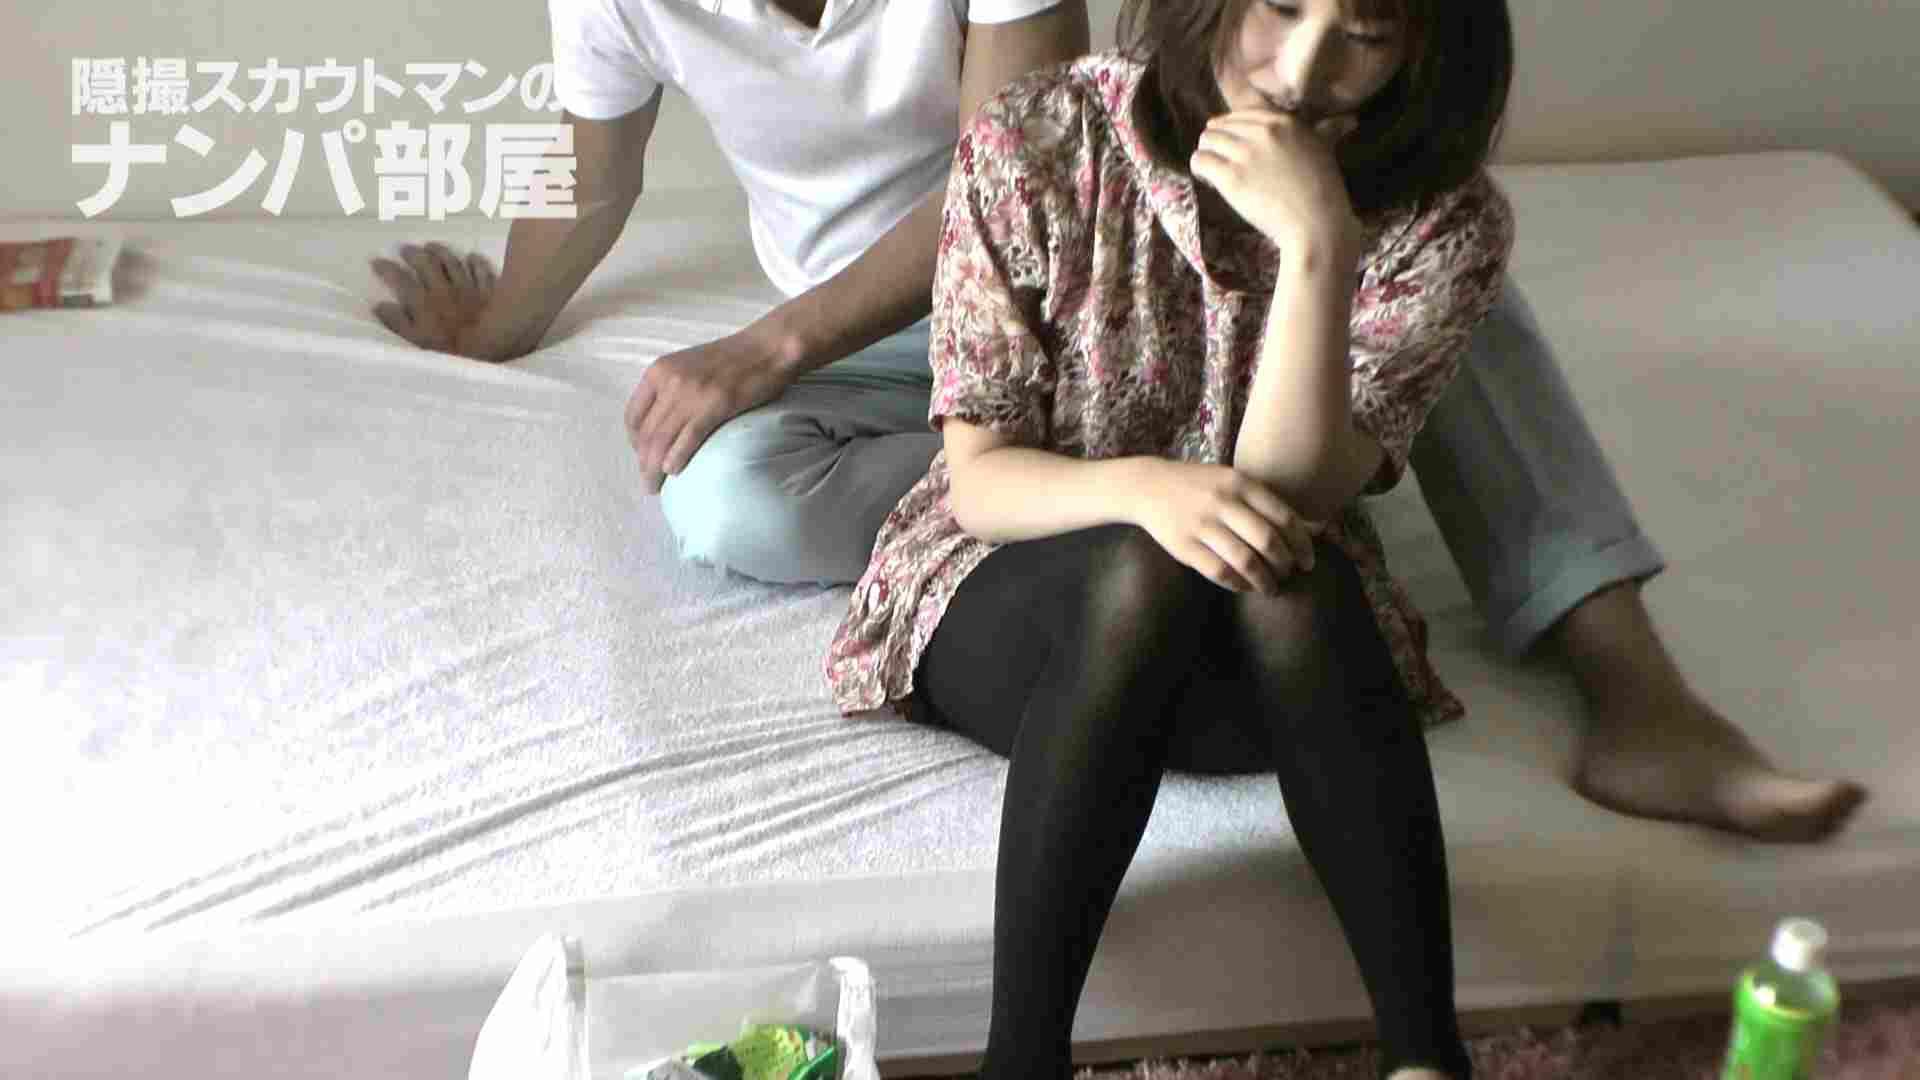 隠撮スカウトマンのナンパ部屋~風俗デビュー前のつまみ食い~ sii 隠撮  84連発 14